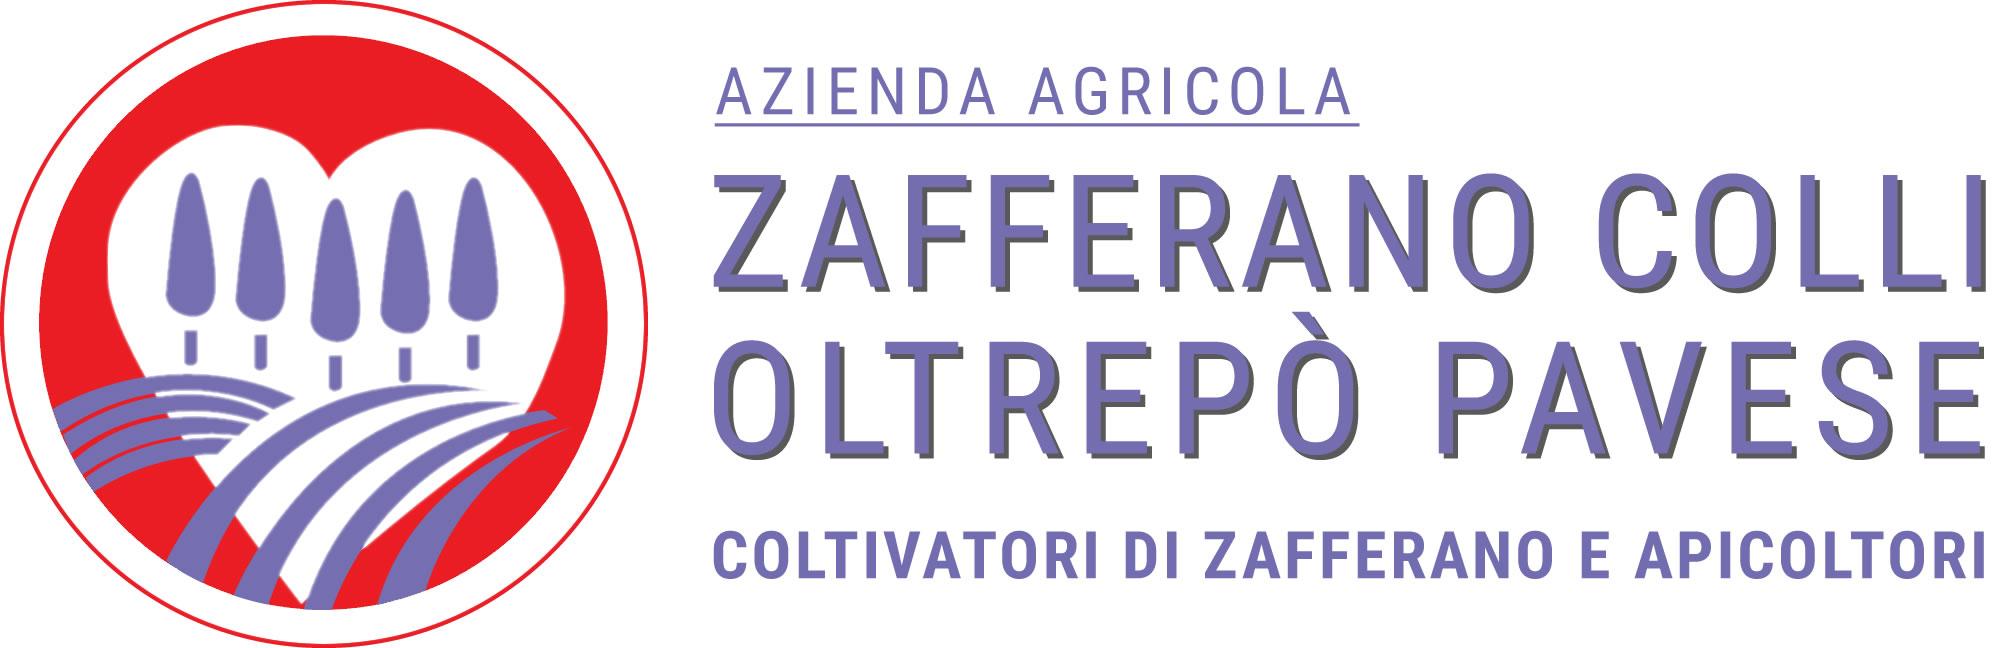 Zafferano e-commerce